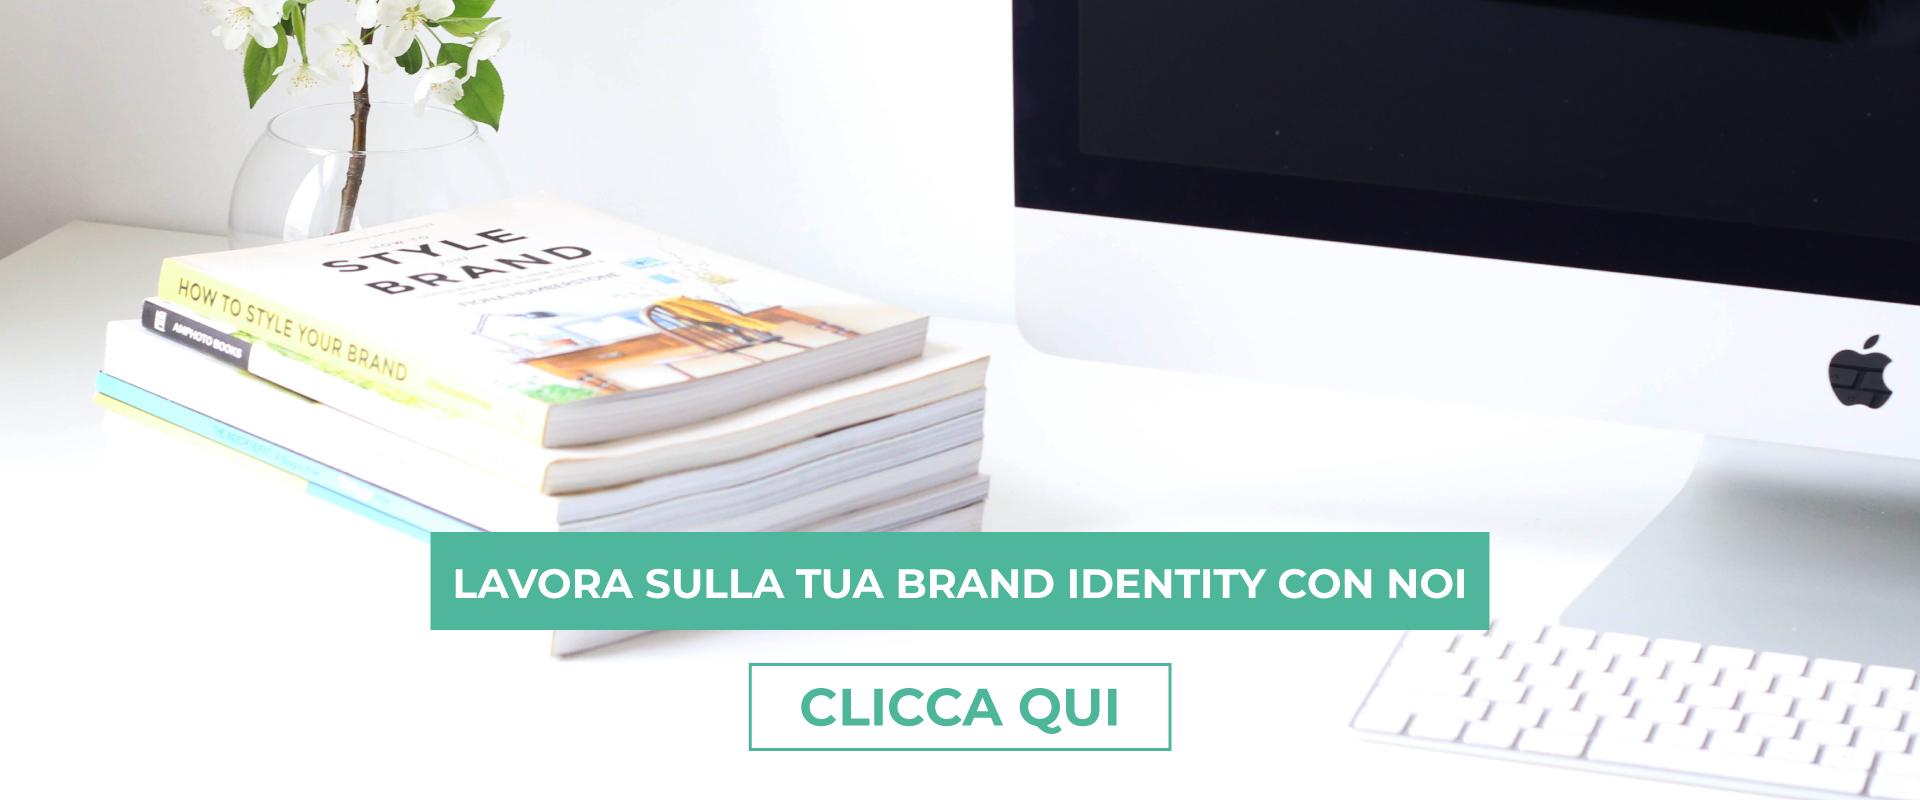 libri-brand-identity-allaseconda